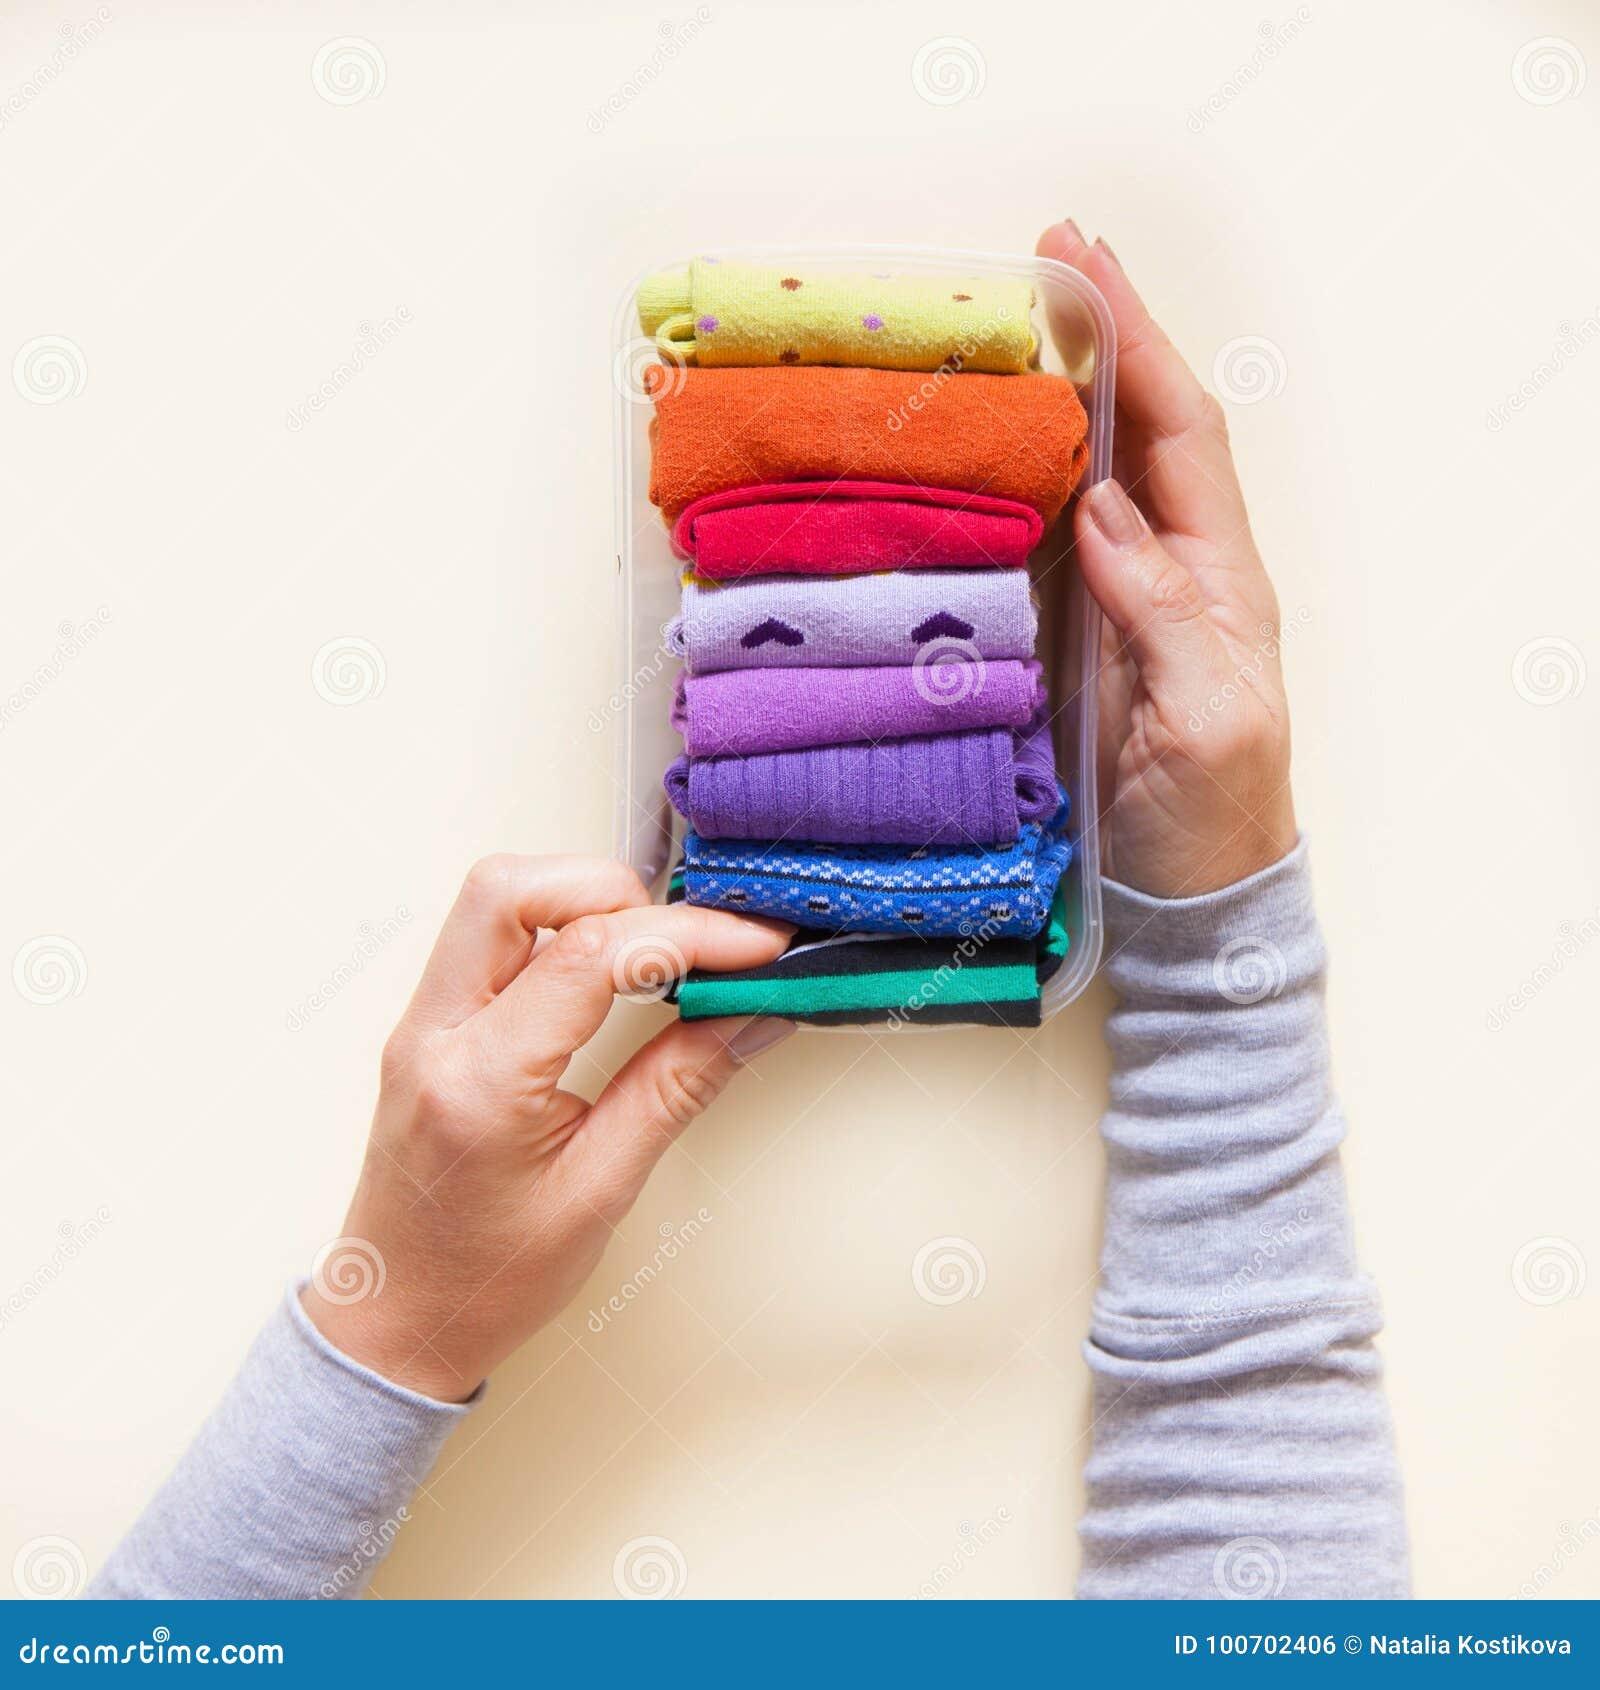 Αποθήκευση ενδυμάτων Διαταγή στο ντουλάπι δίπλωμα των καλτσών Κύριο Clas